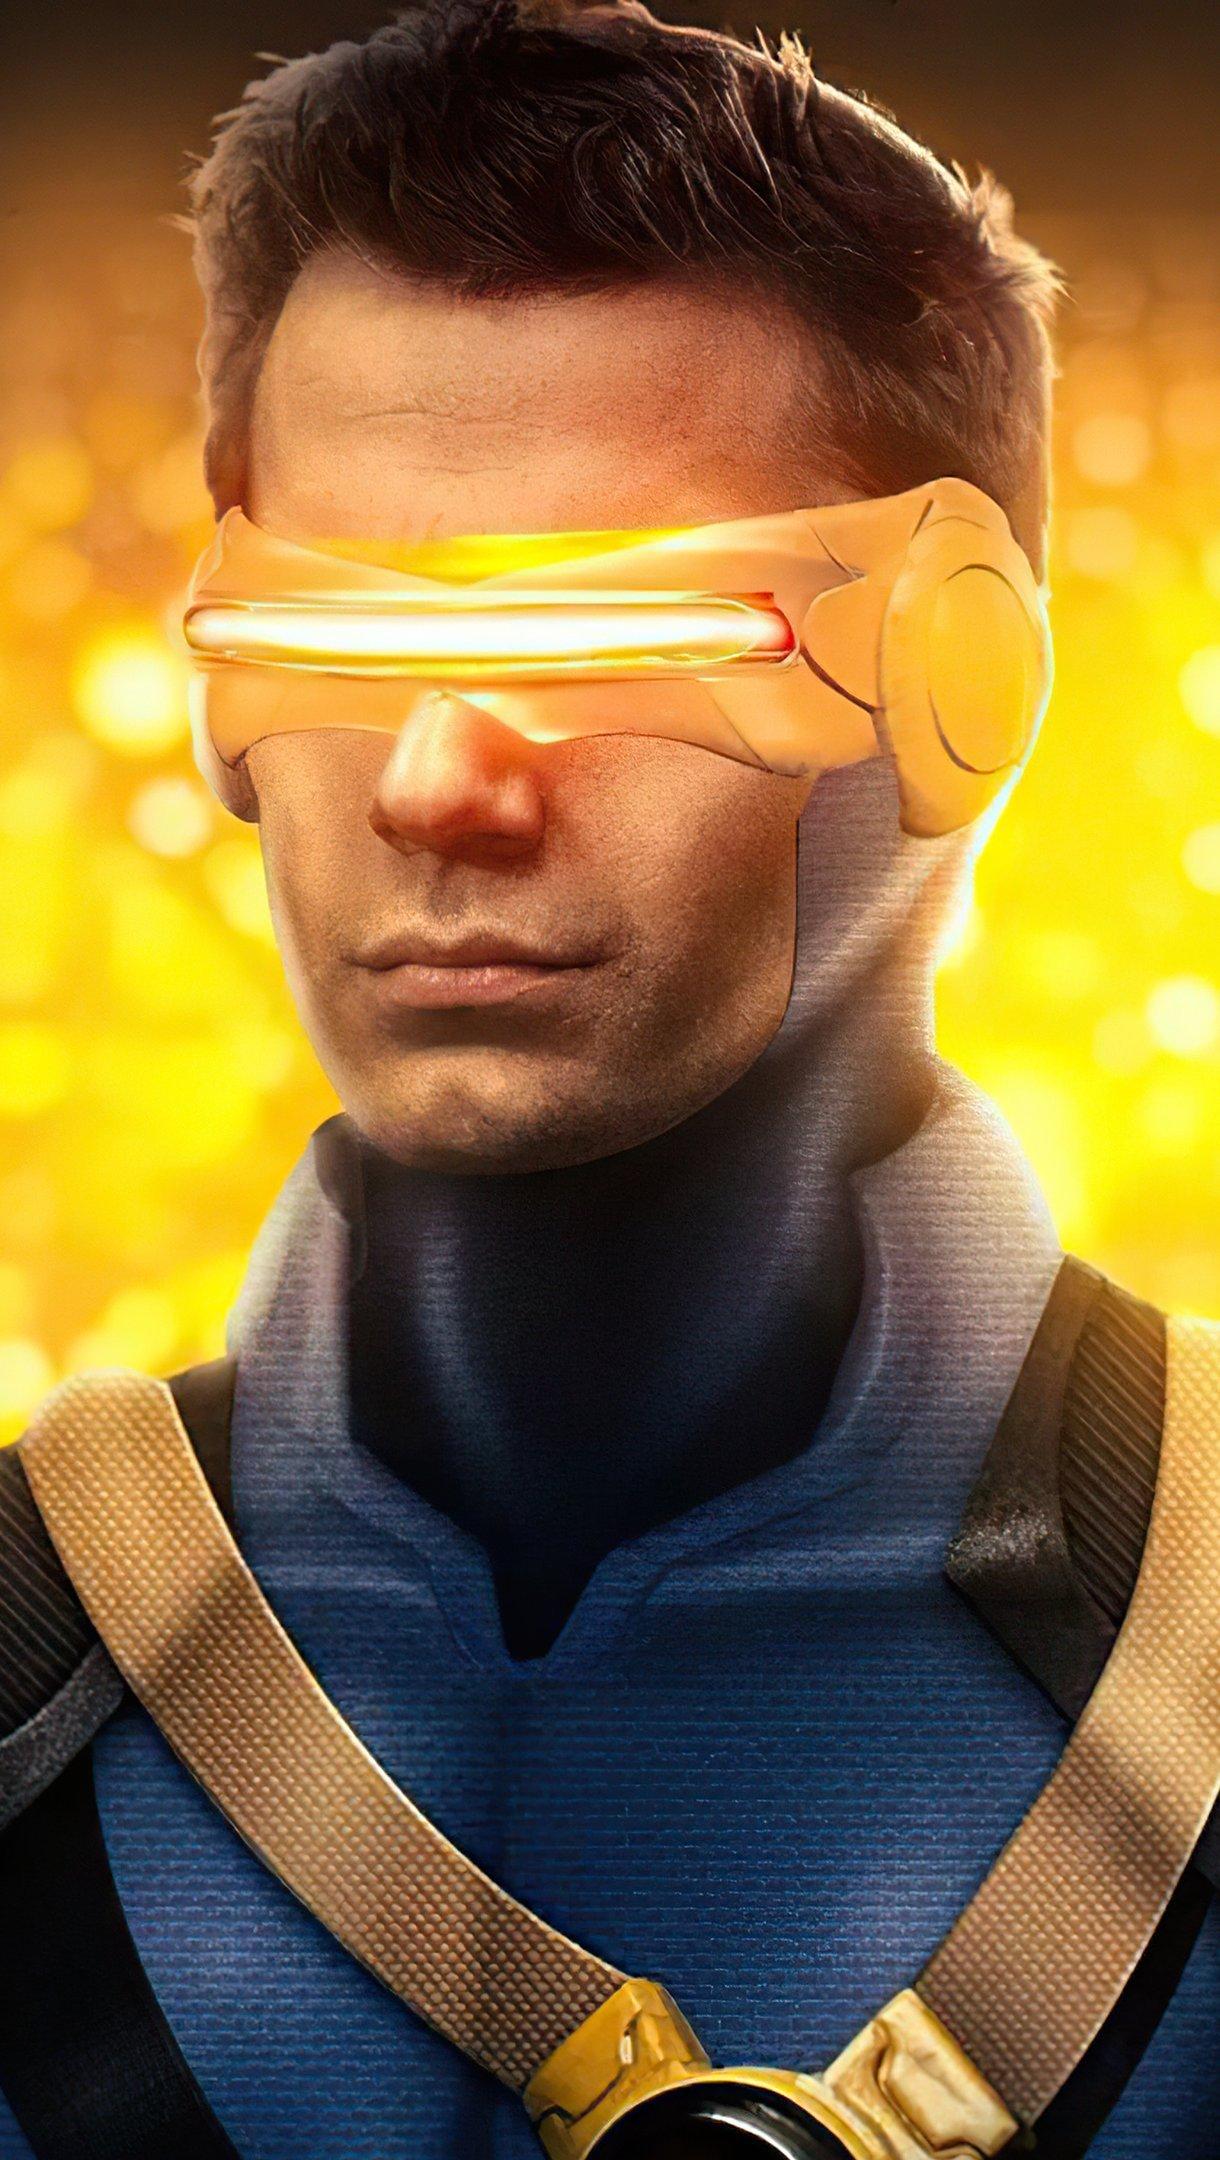 Wallpaper Henry Cavill como Cyclops Fan art Vertical